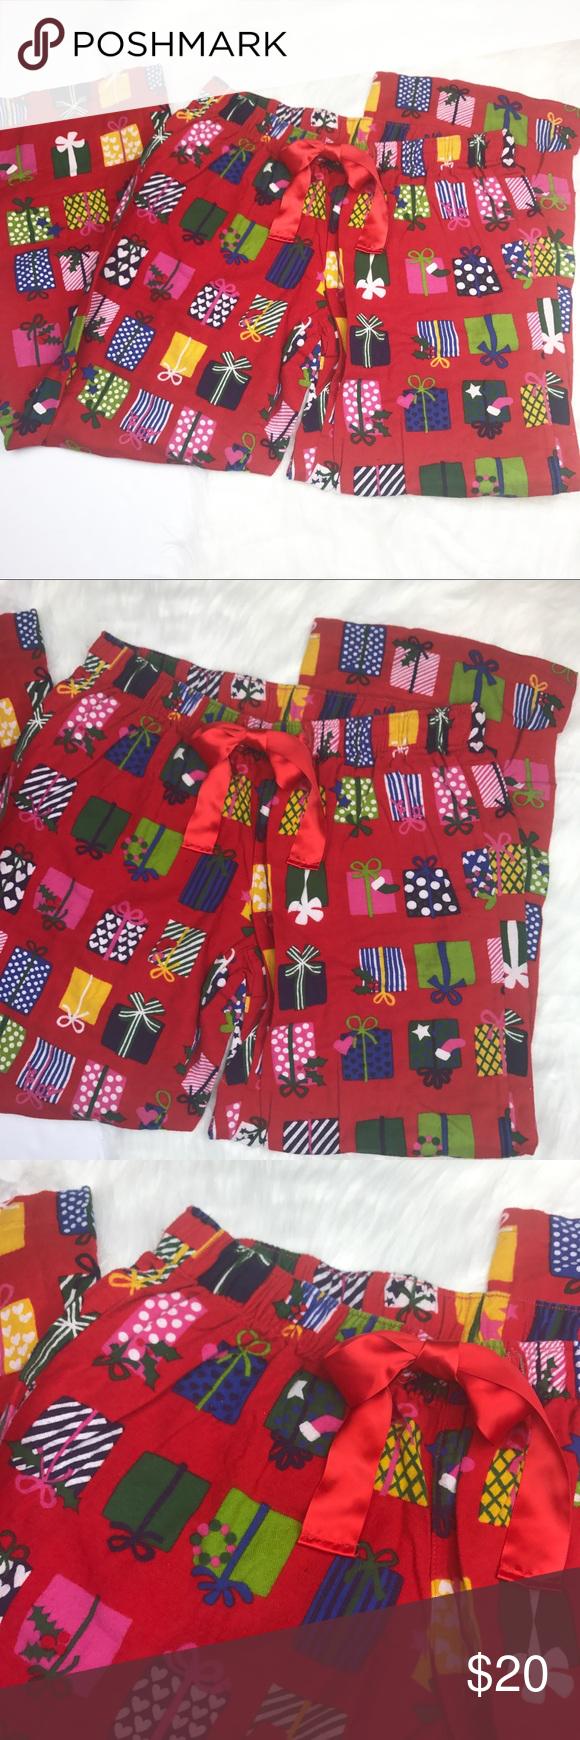 Old Navy Intimates Christmas Presents Pajama Pants   Christmas ...